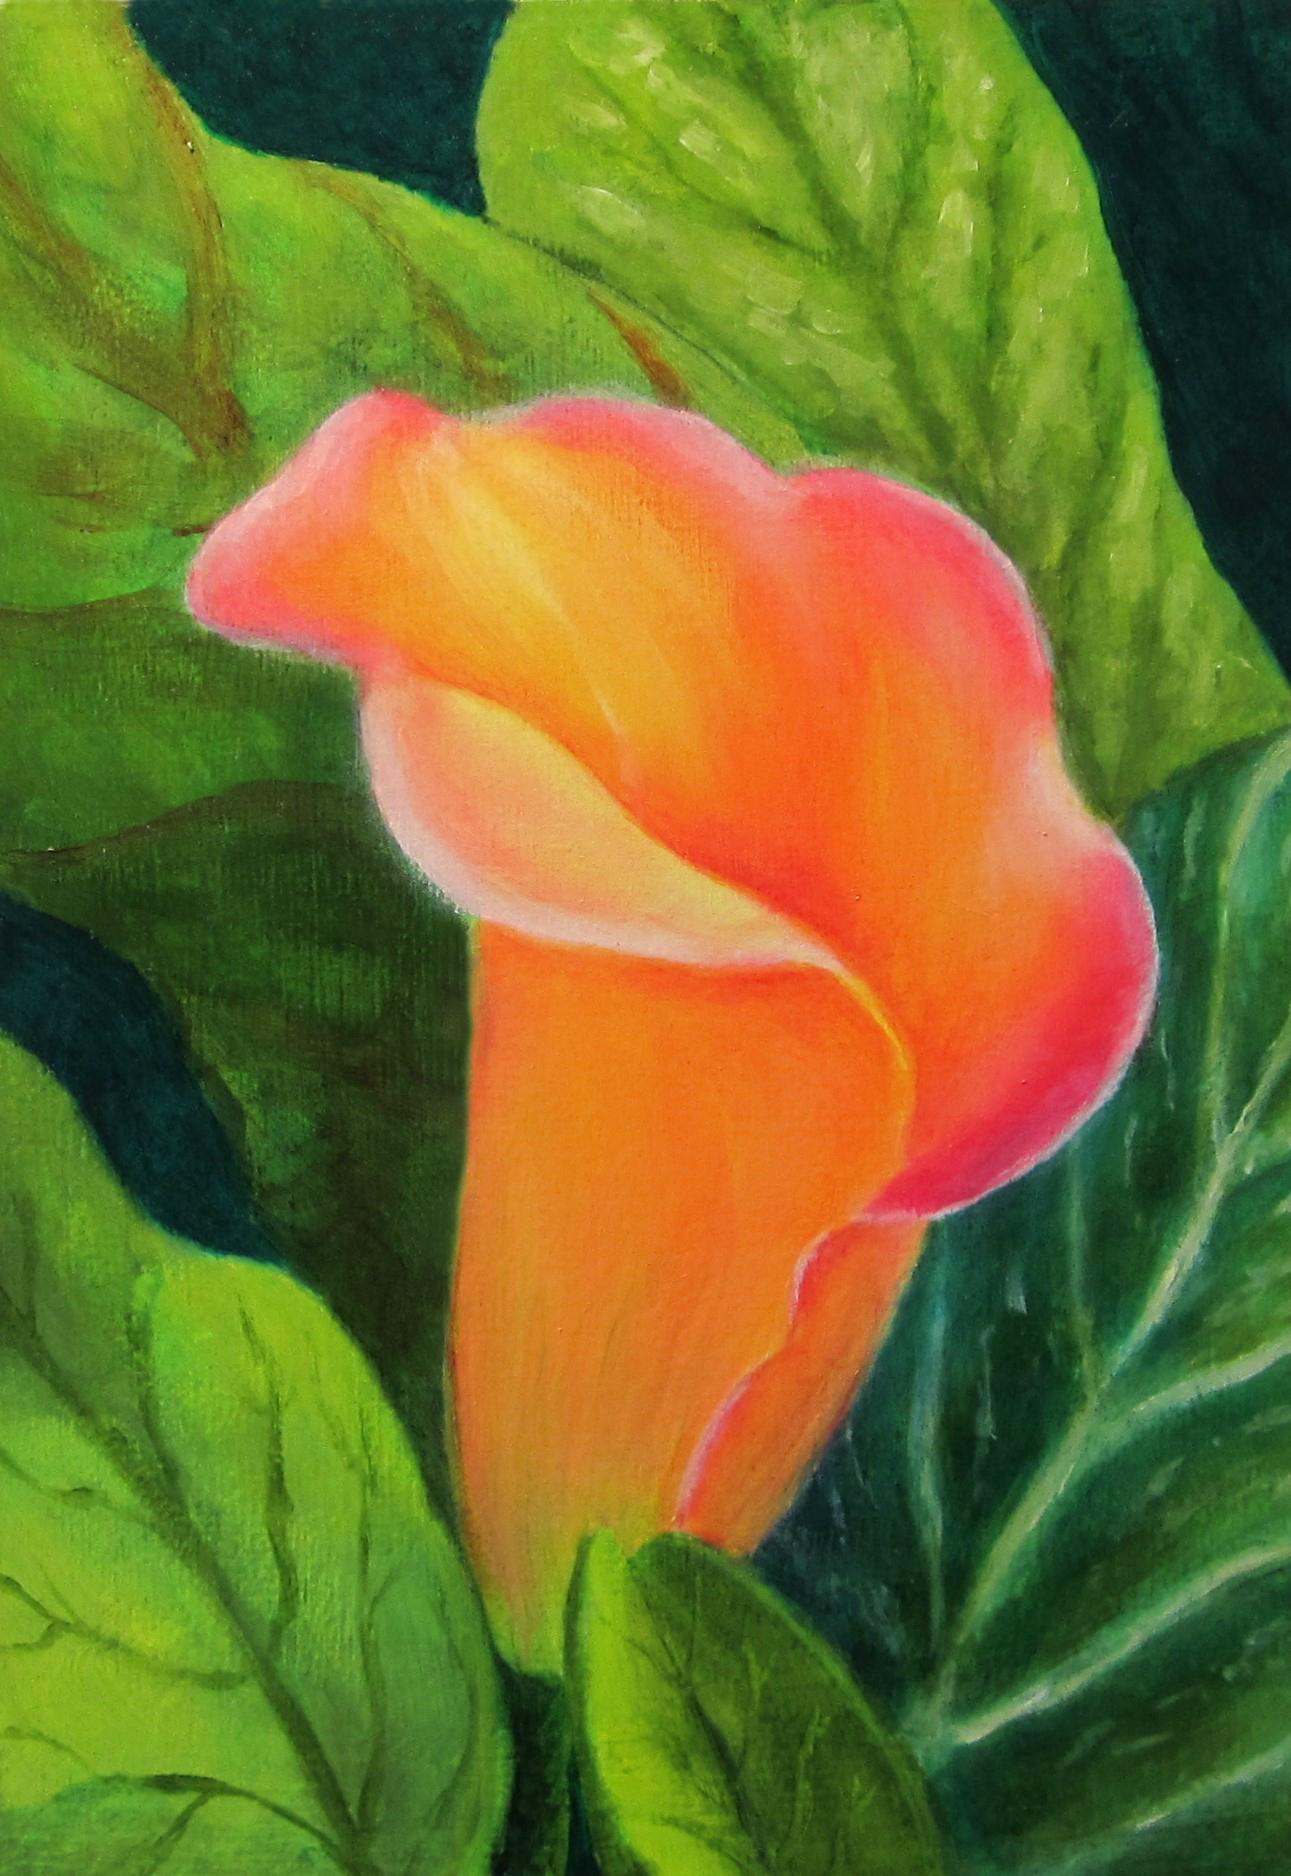 Jill's Cala Lily by Elizabeth Oertel